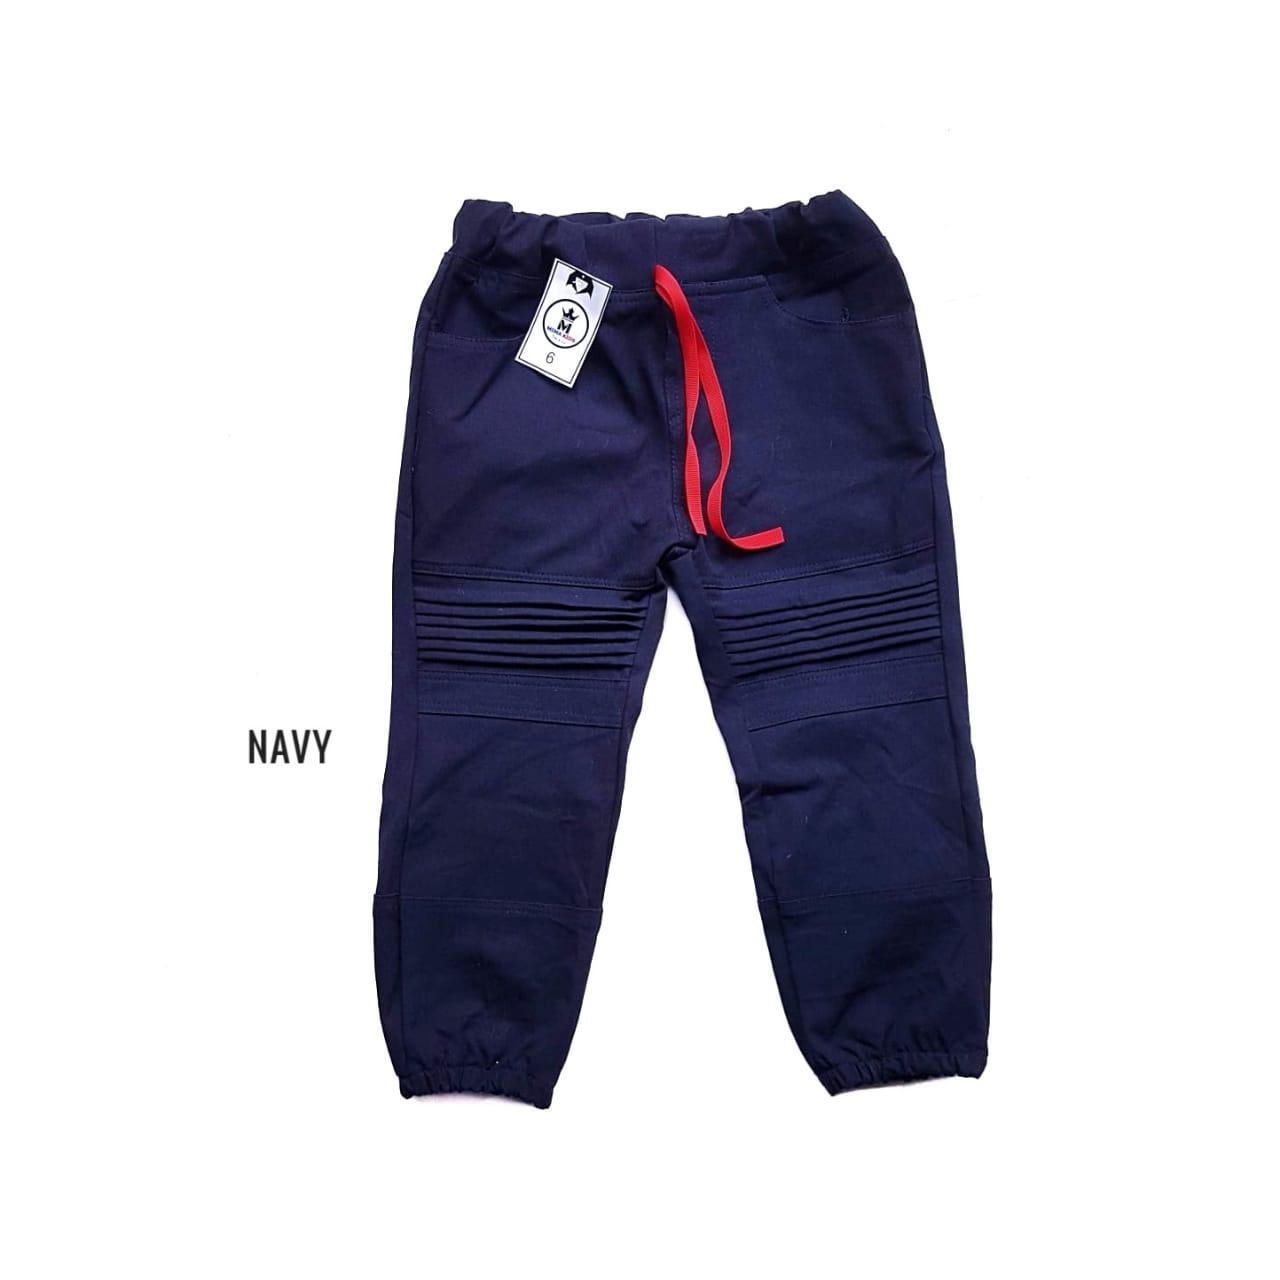 jogger sensen anak yang kece celana panjang lipat menggunakan karet